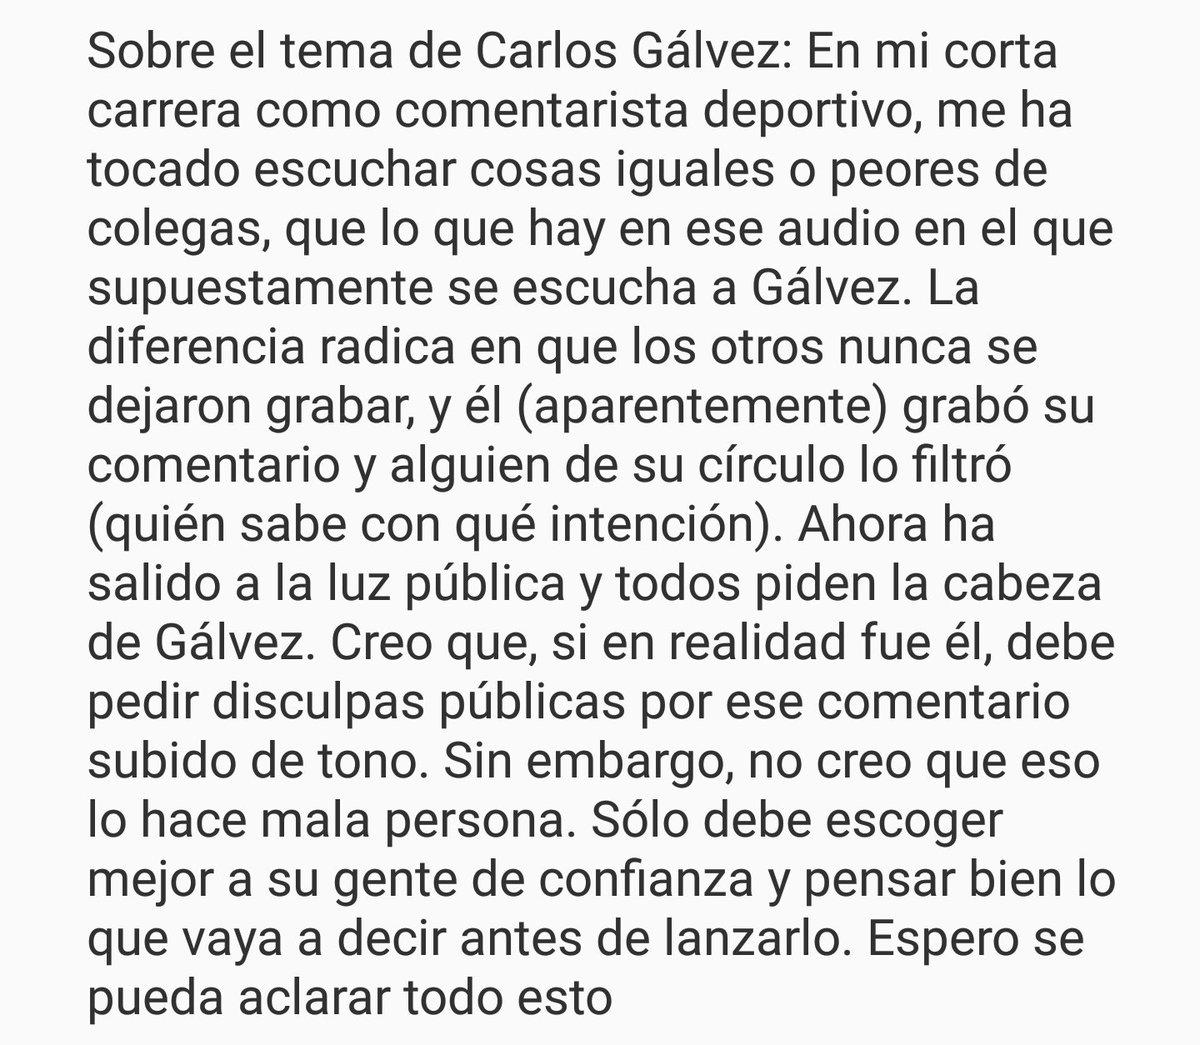 Mi opinión sobre el tema de Carlos Gálvez... https://t.co/nXMSDecNFJ